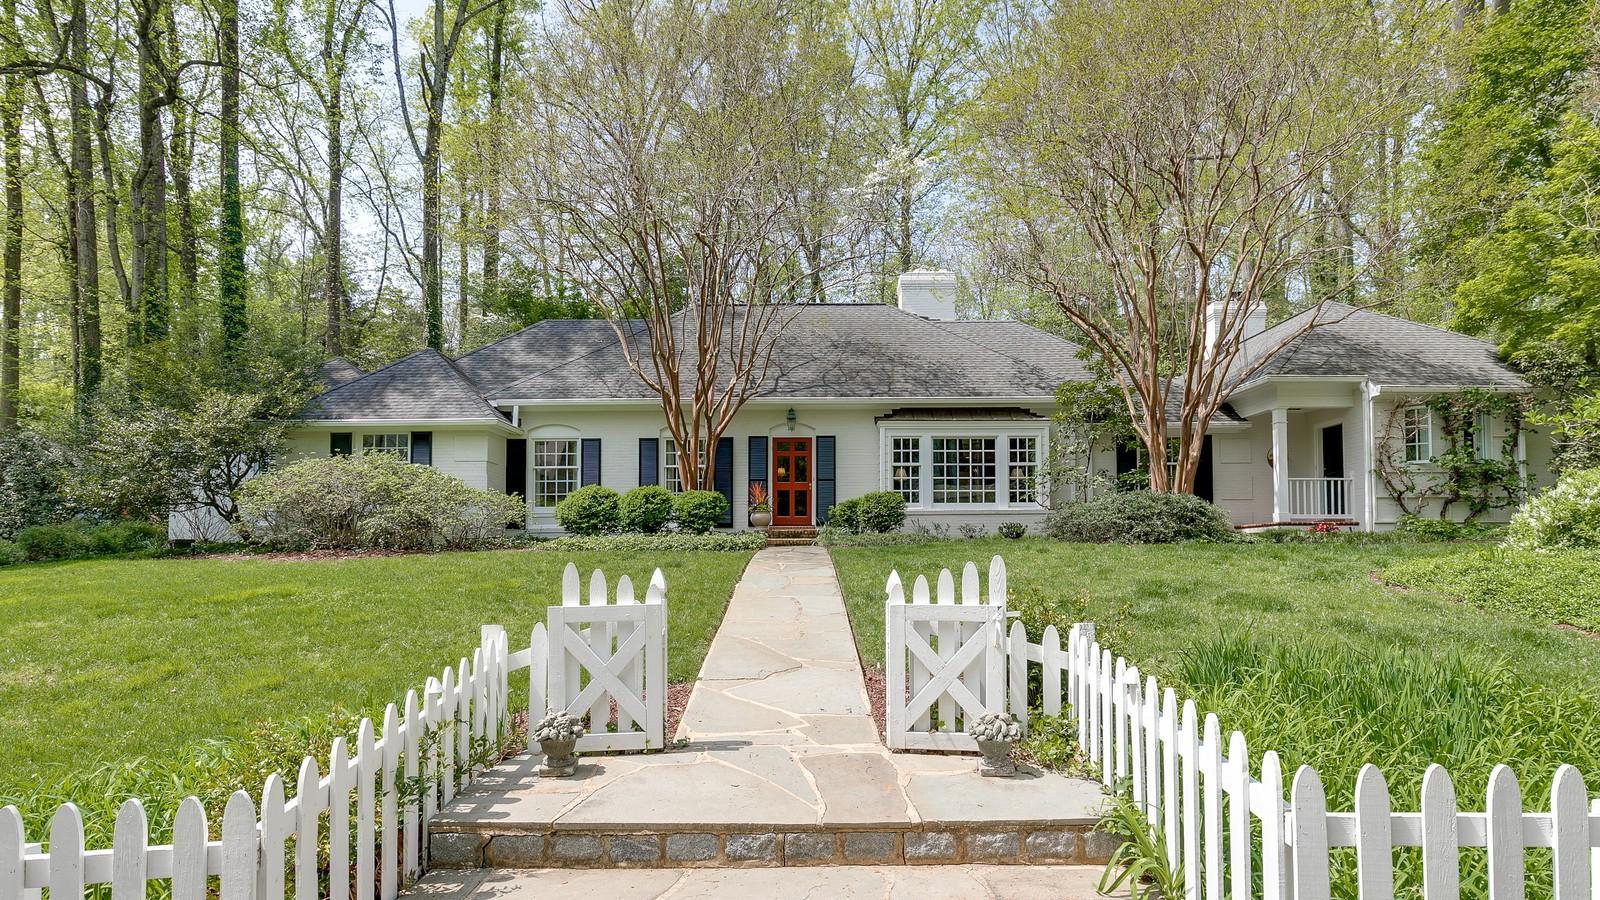 獨棟家庭住宅 為 出售 在 214 Hillwood Avenue, Richmond Richmond, 弗吉尼亞州 23226 美國